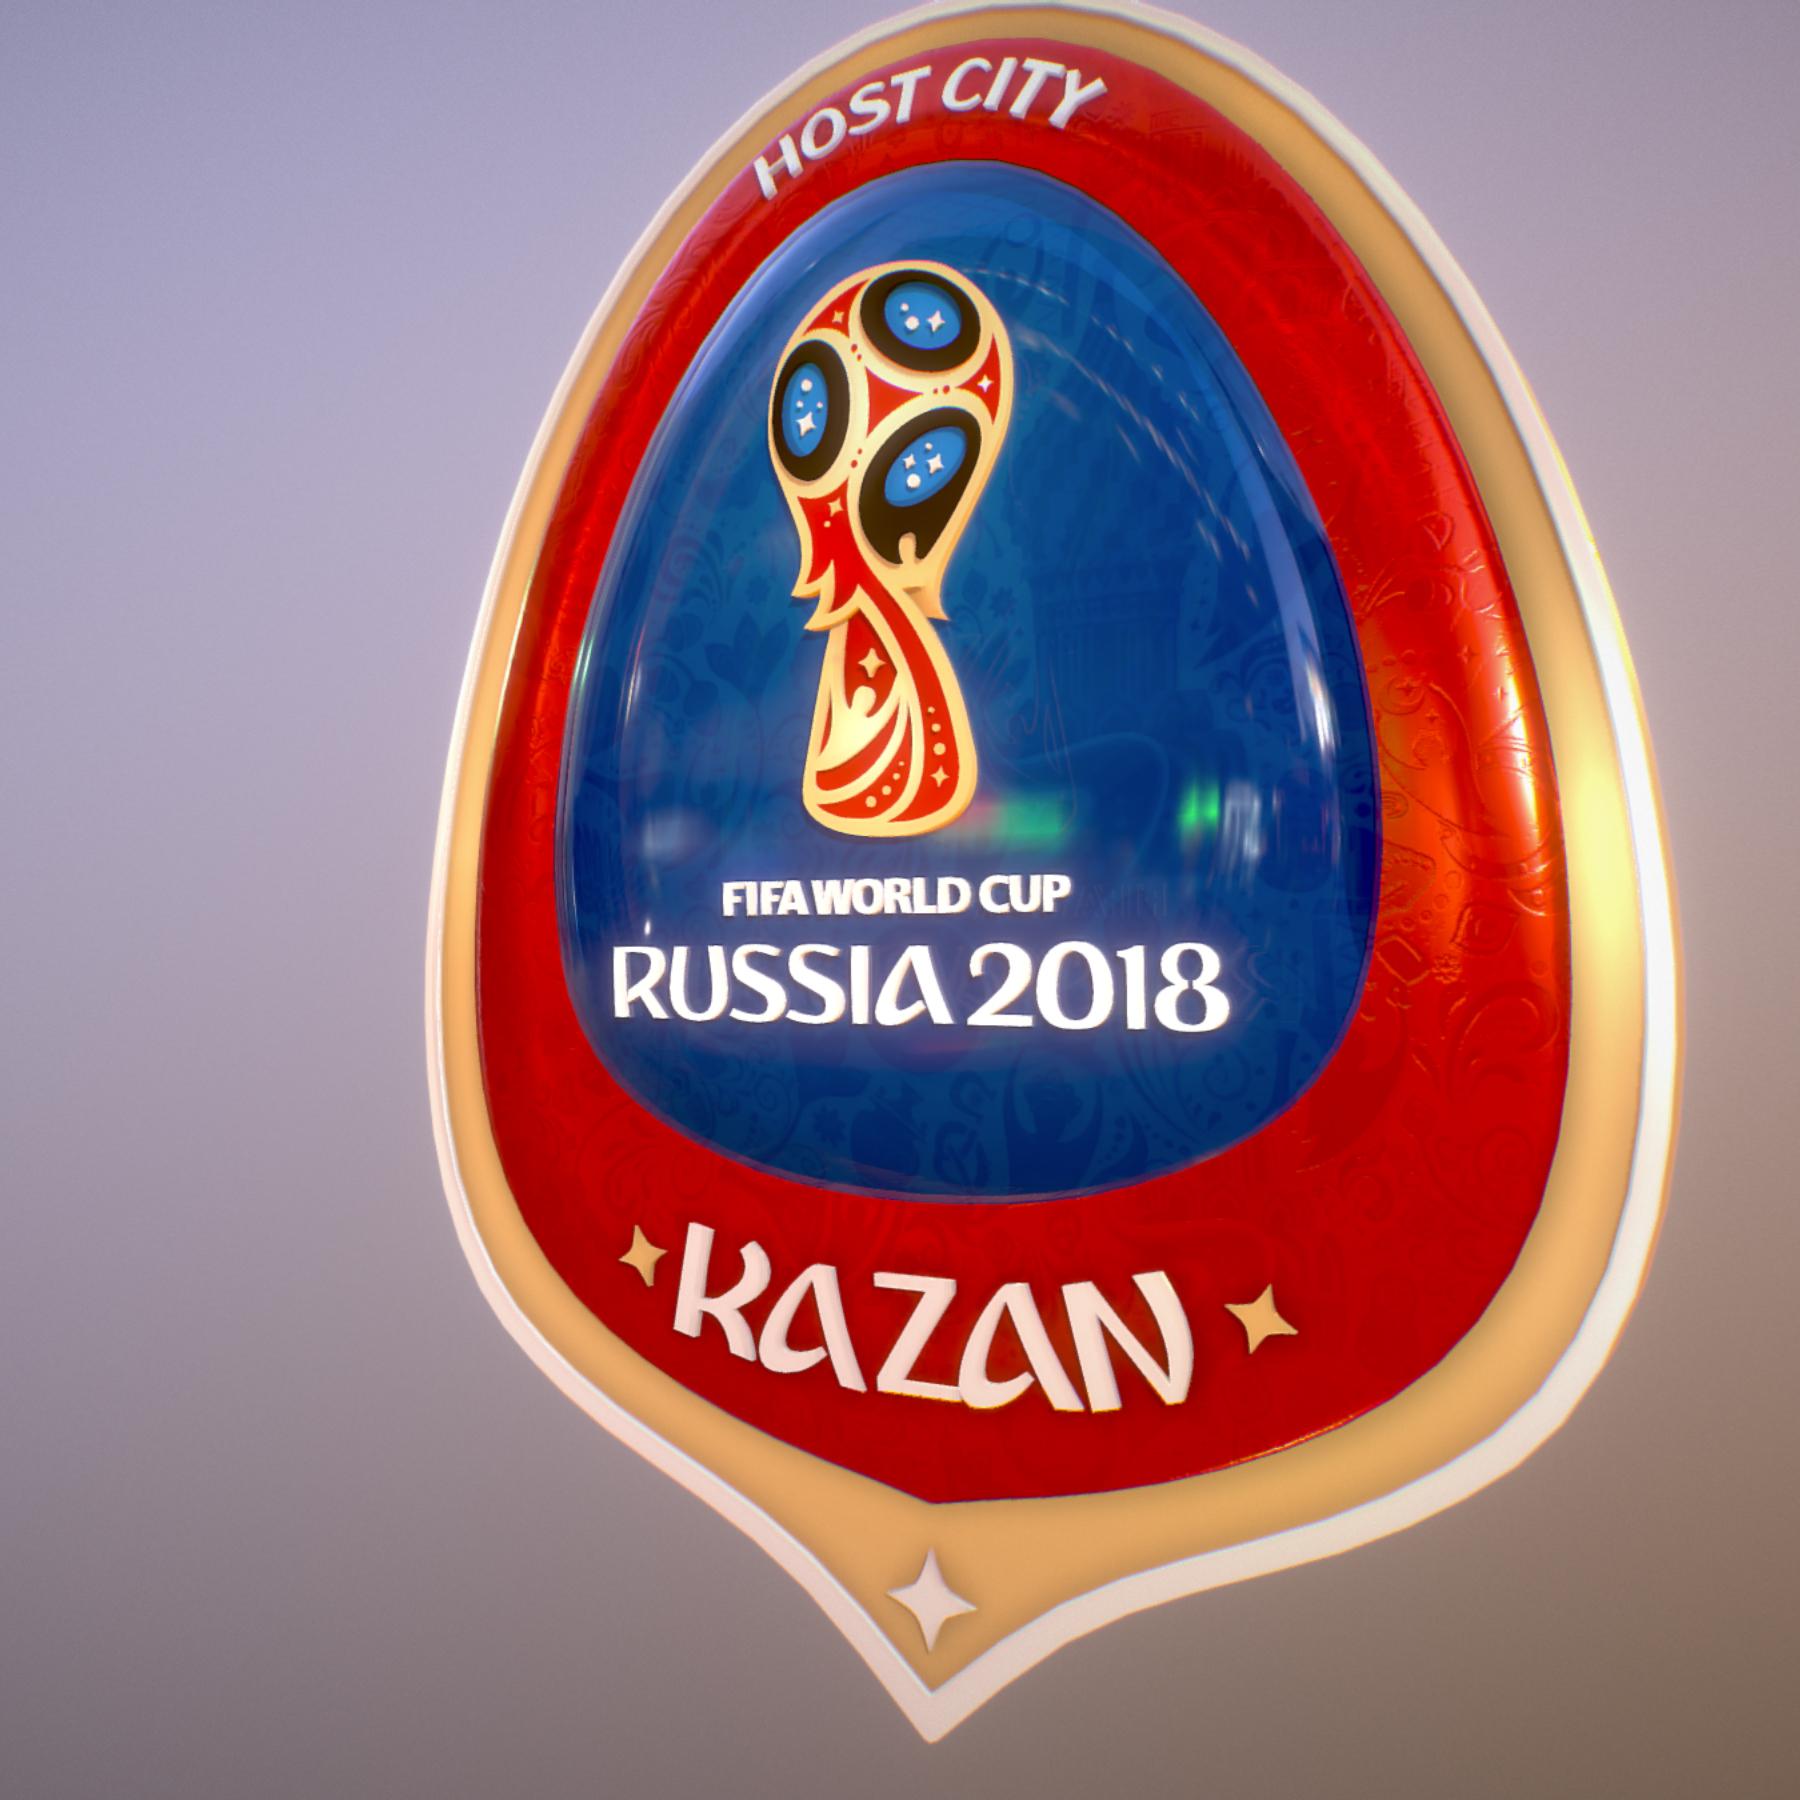 kazan host city world cup russia 2018 symbol 3d model max  fbx jpeg jpg ma mb obj 271691